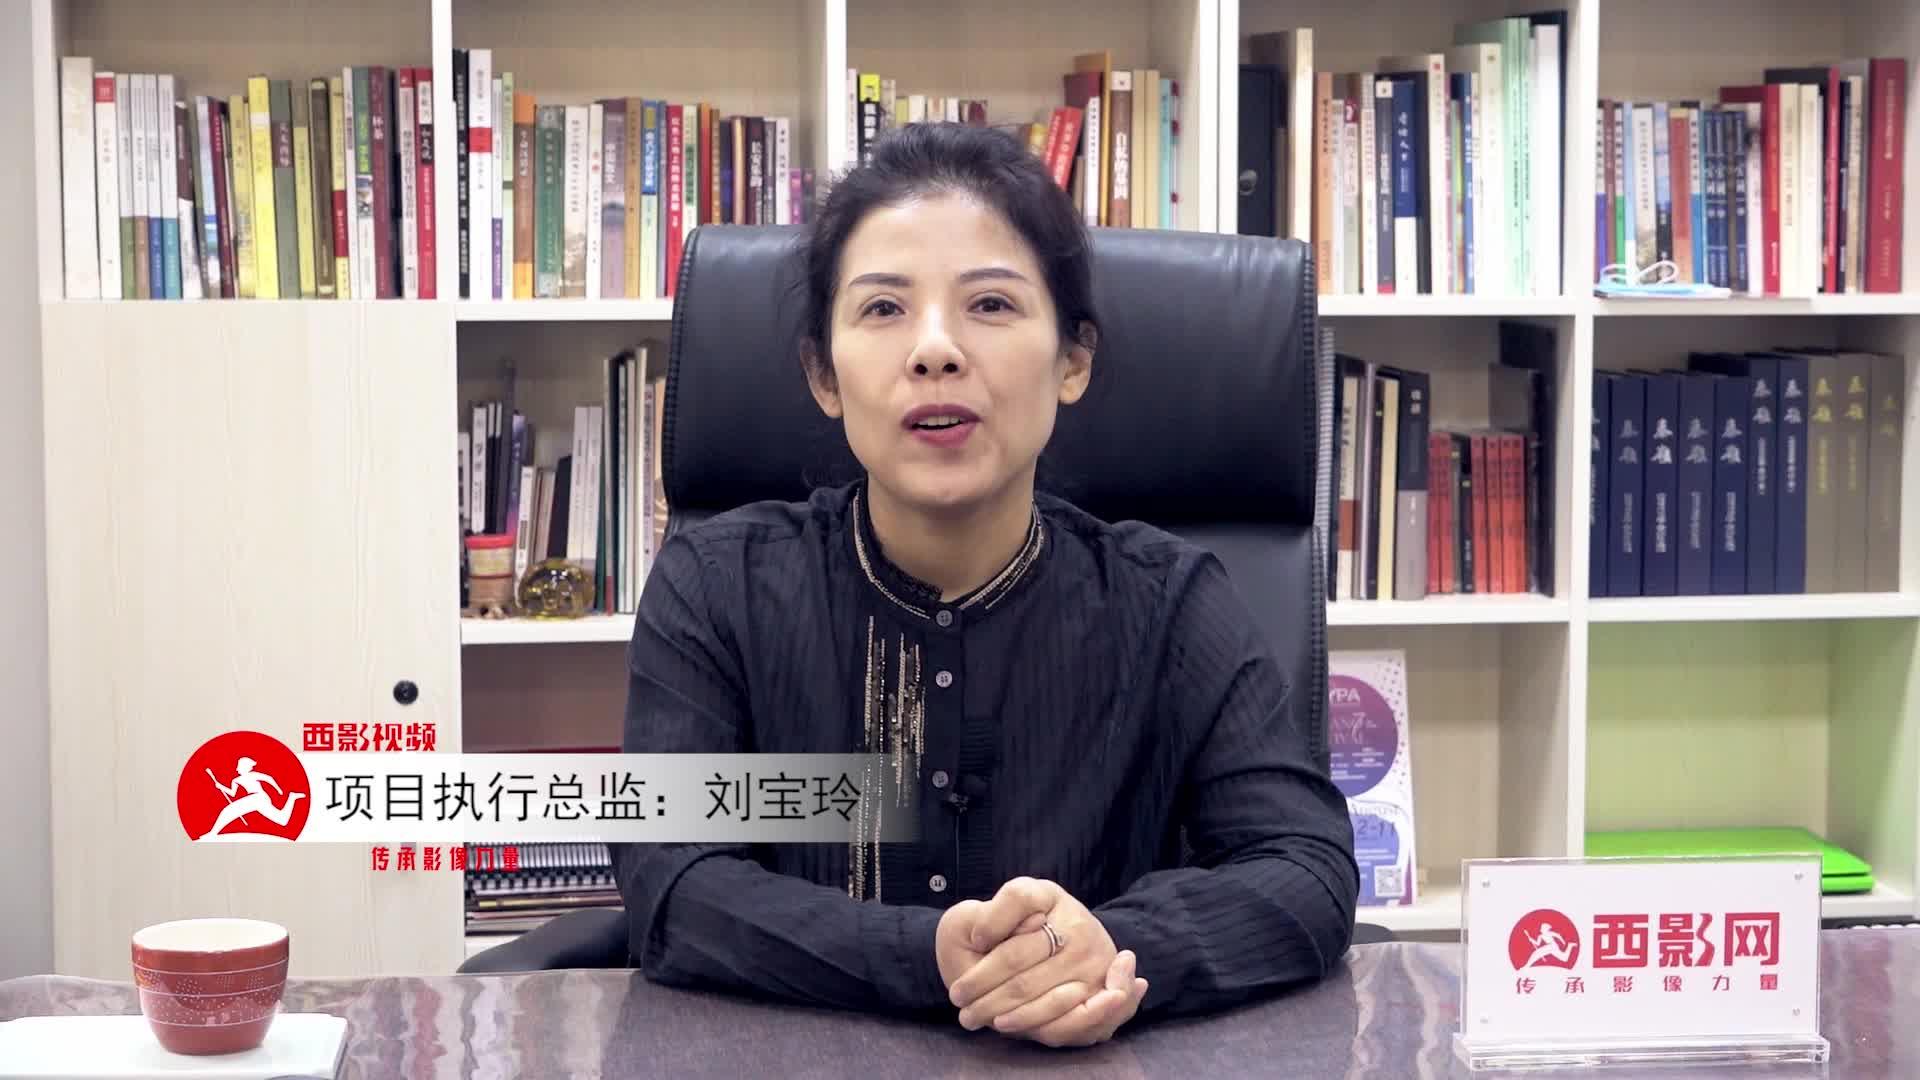 民族歌剧《小二黑结婚》主创人员专访